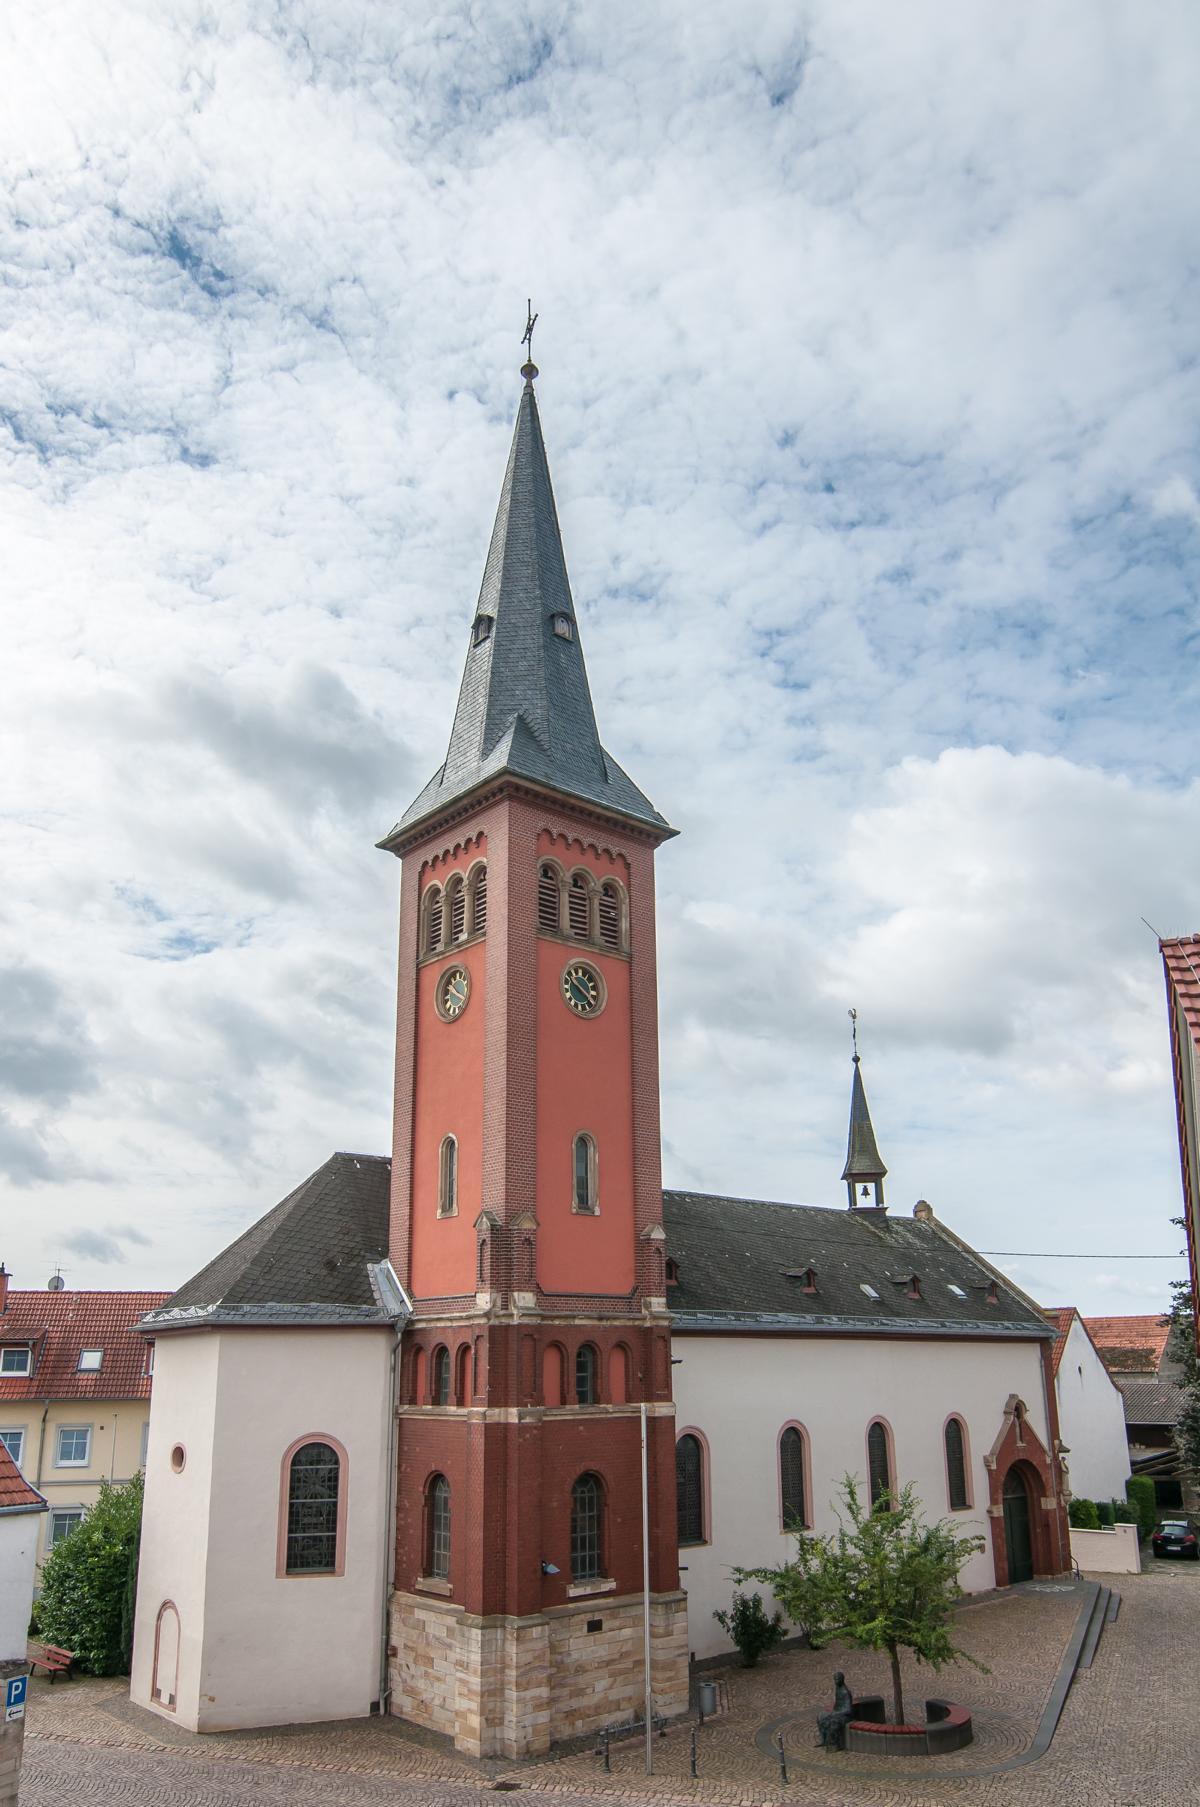 Klein Winterheim